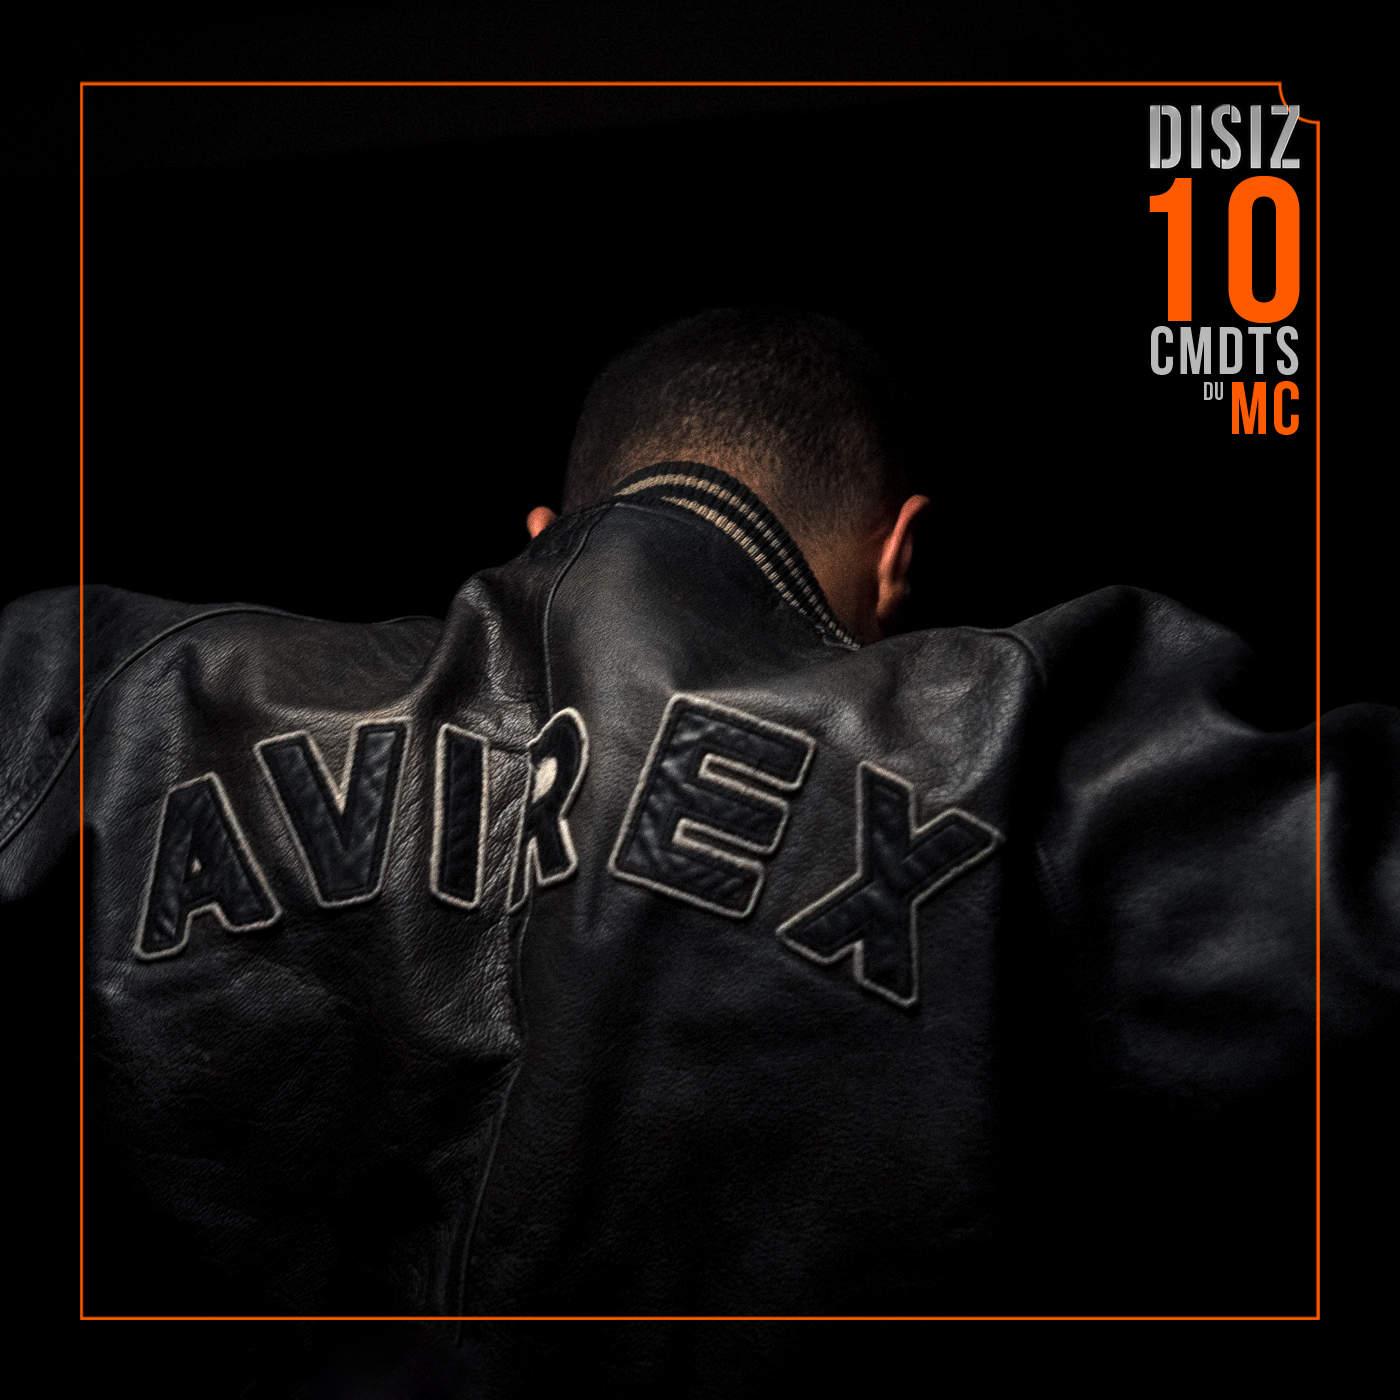 Disiz - Les 10 Commandements du MC - Single Cover